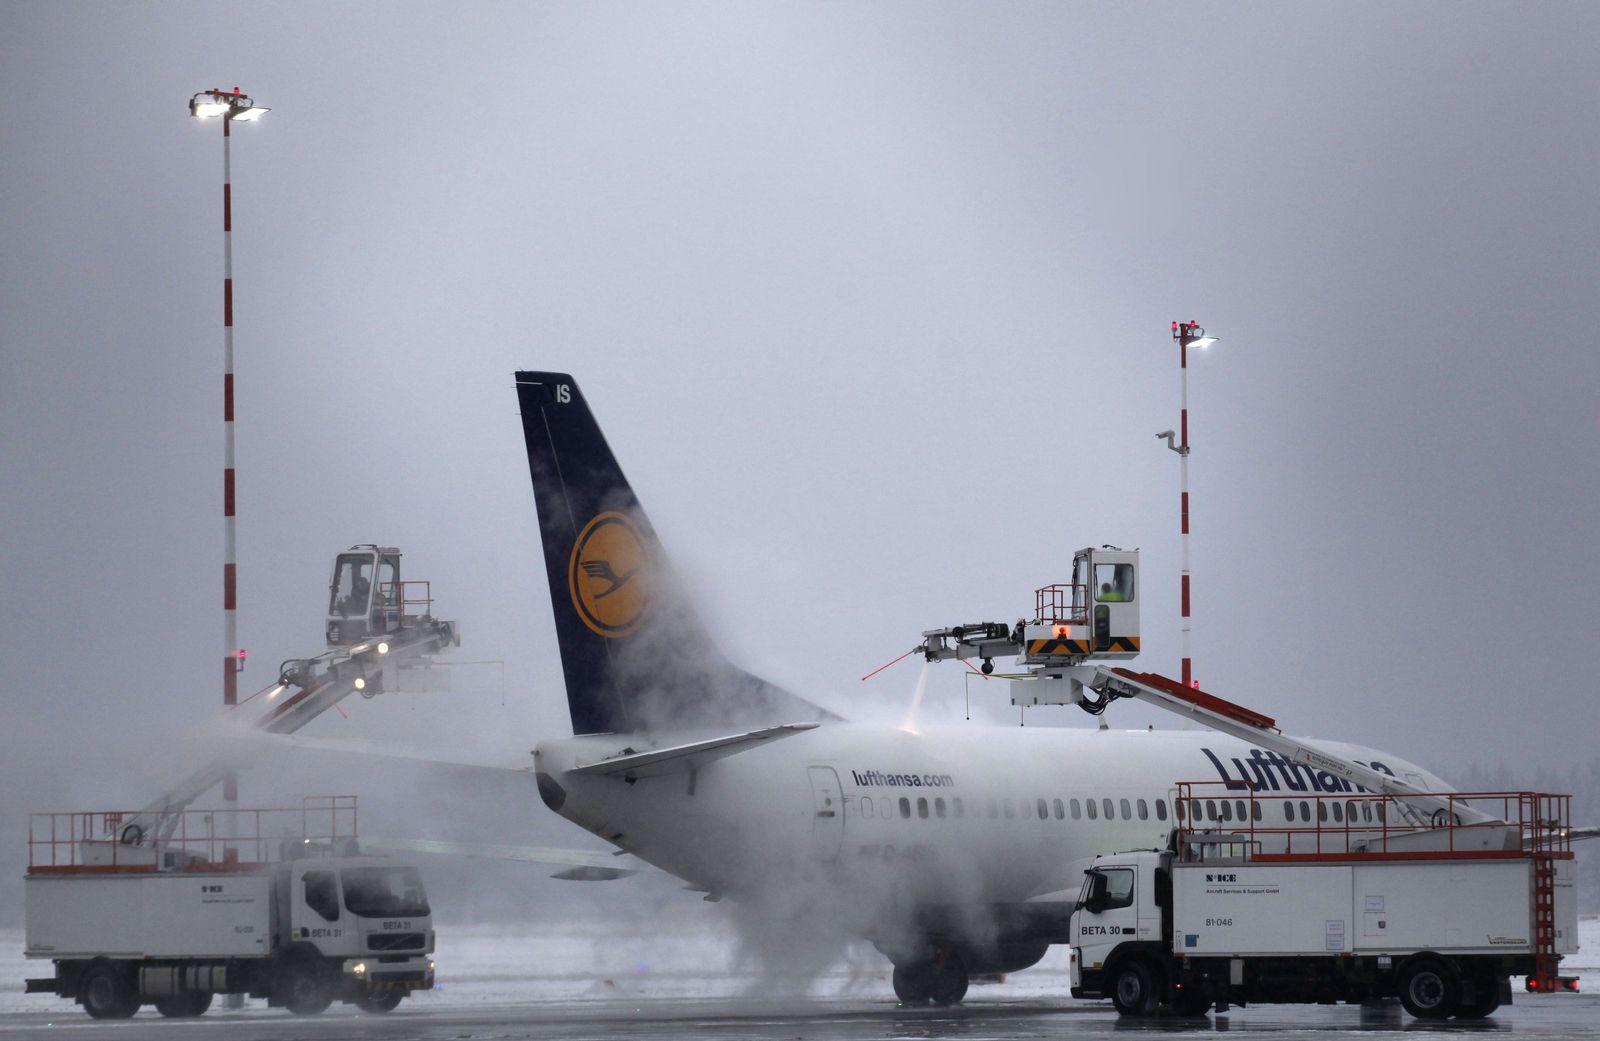 NICHT VERWENDEN Frankfurt / Enteisung / Lufthansa